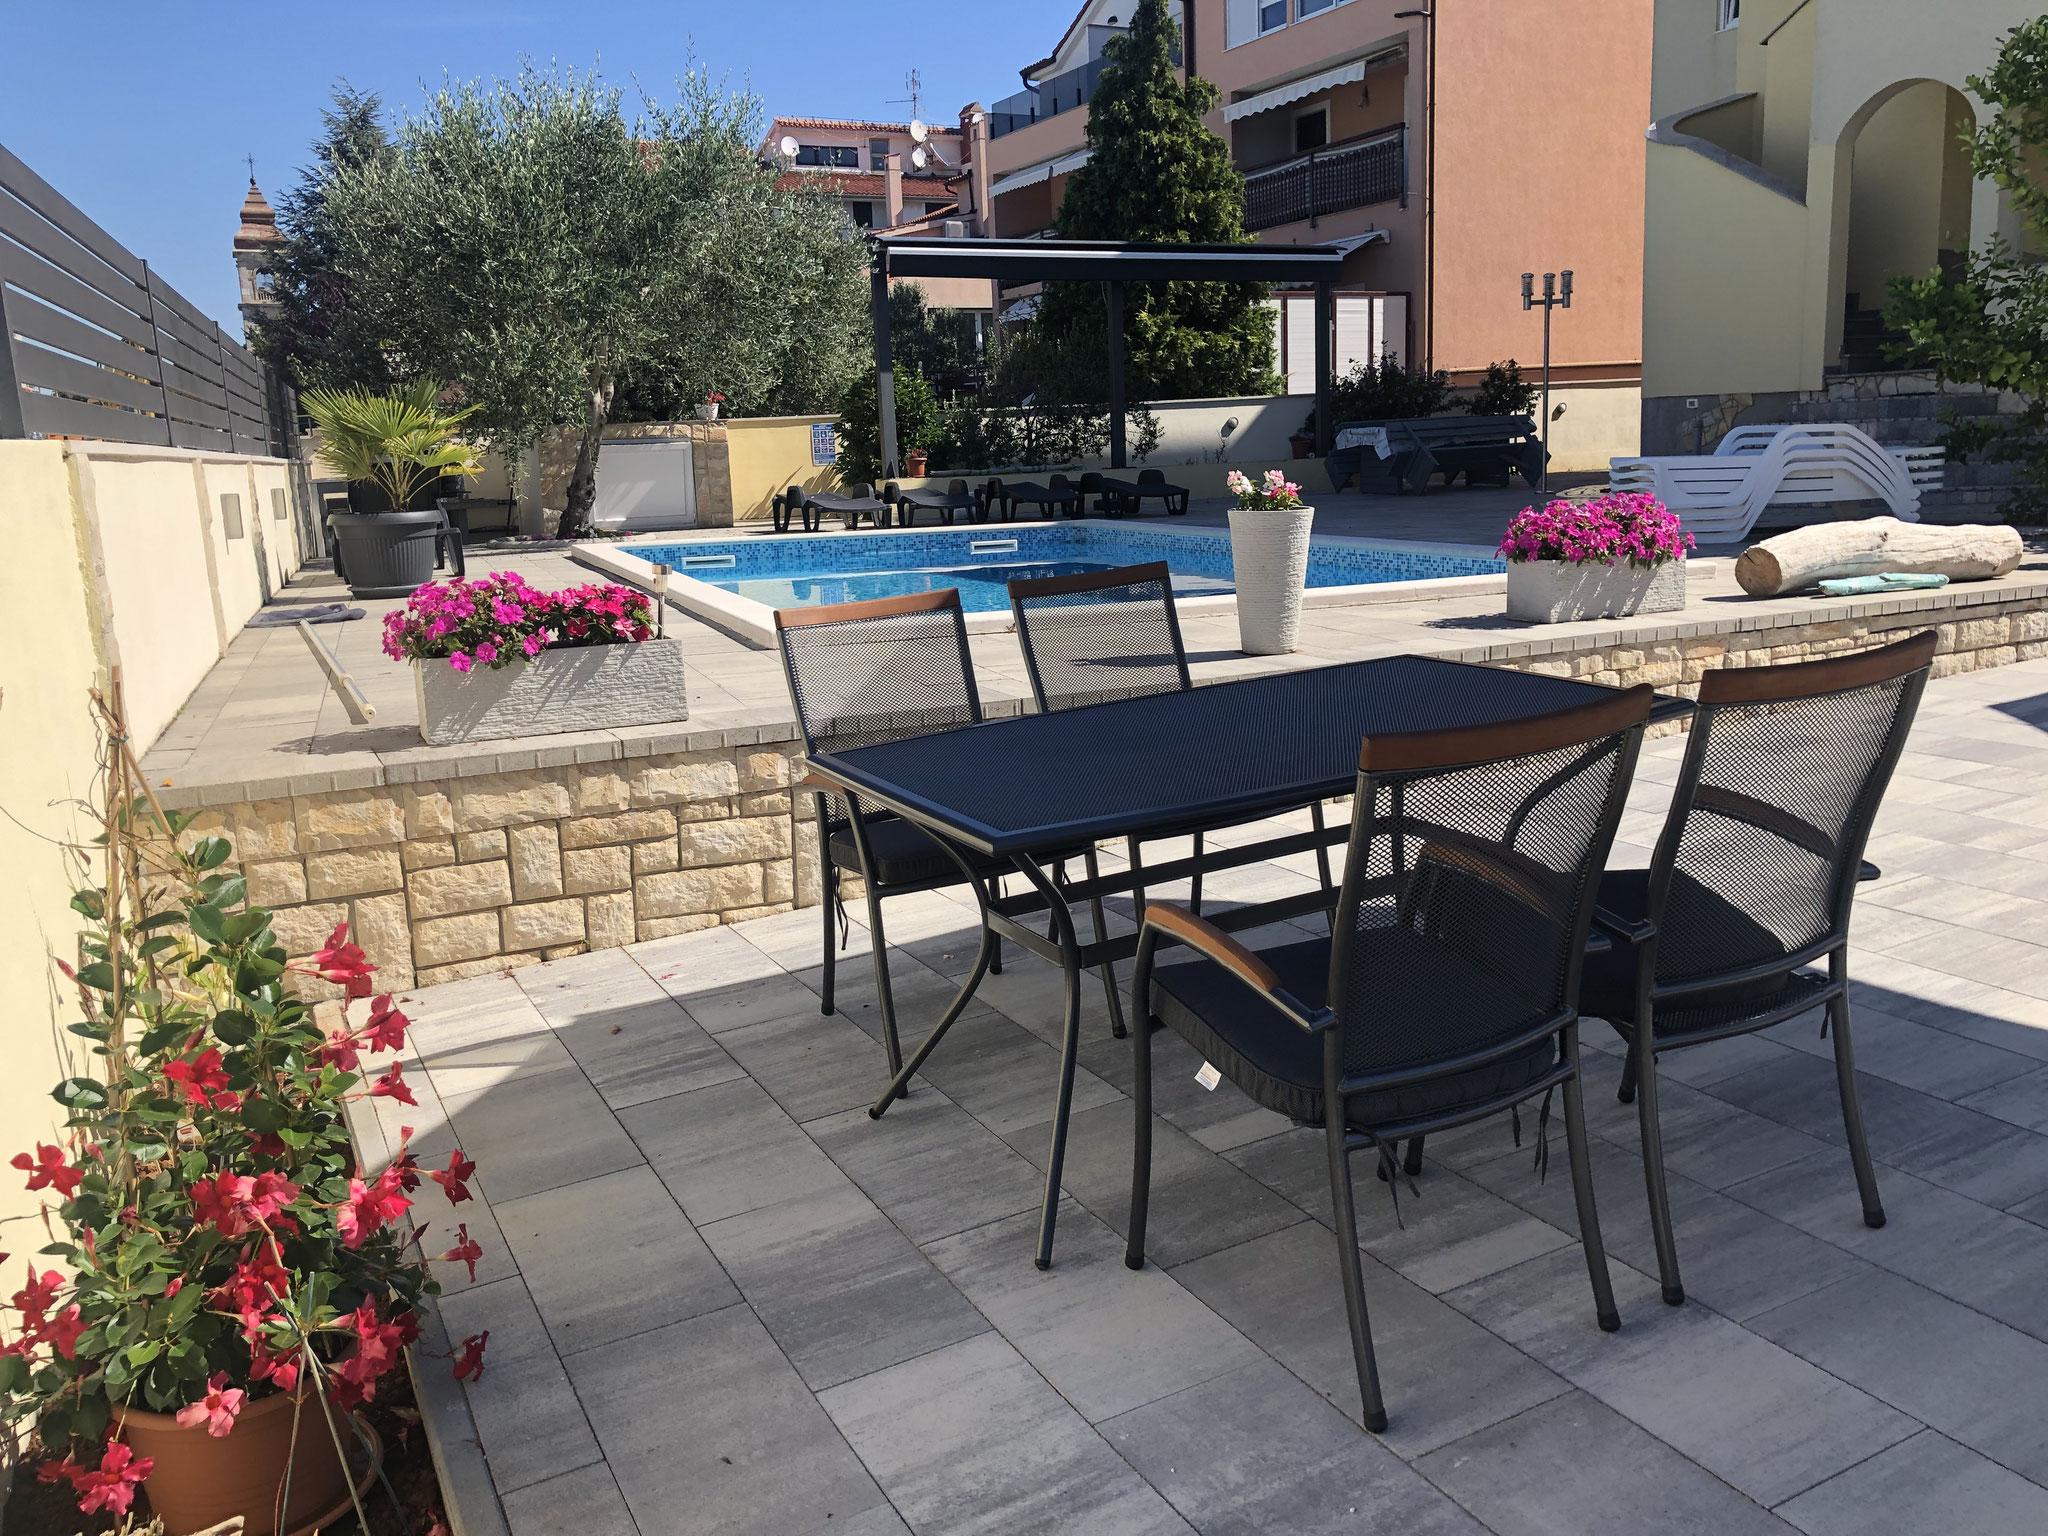 Villa Colonia Poolterrasse 2020 ausreichend Esstische